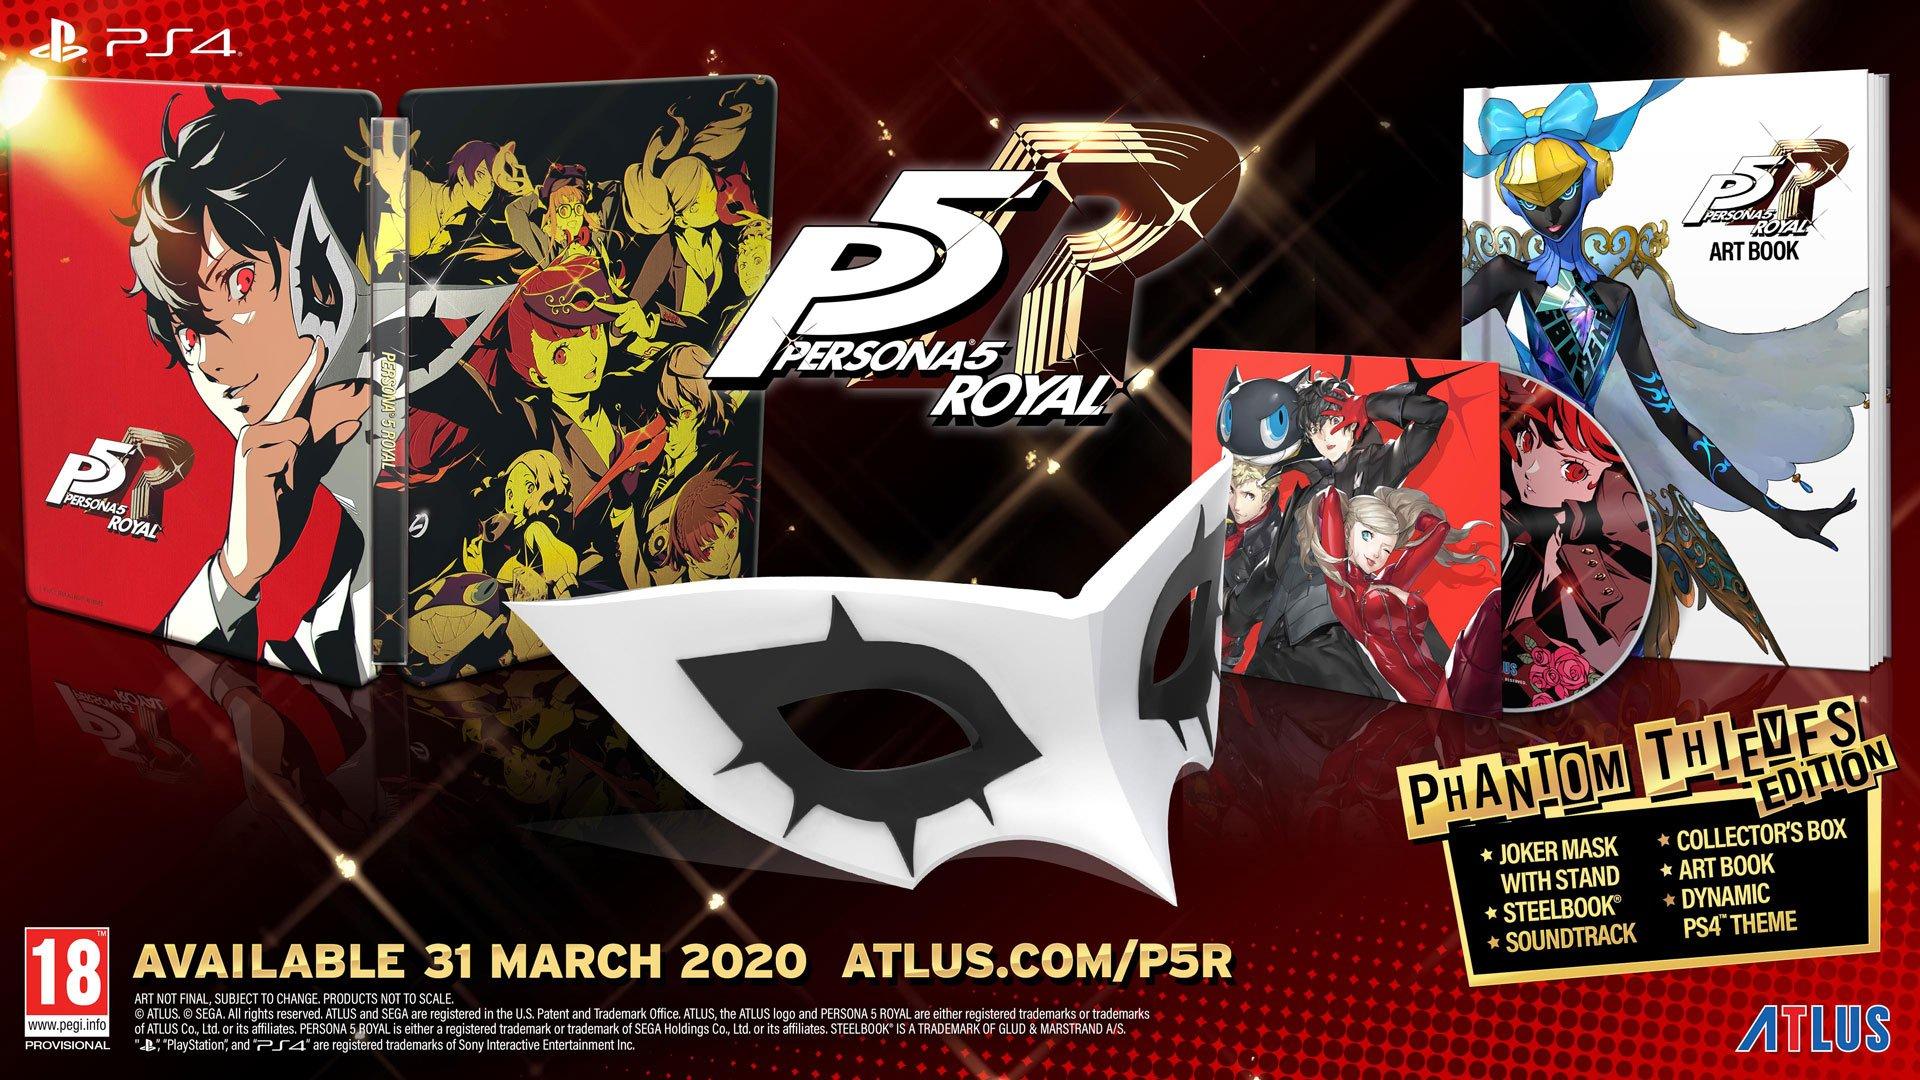 Gra PS4 Persona 5 Royal Phantom Thieves Edition